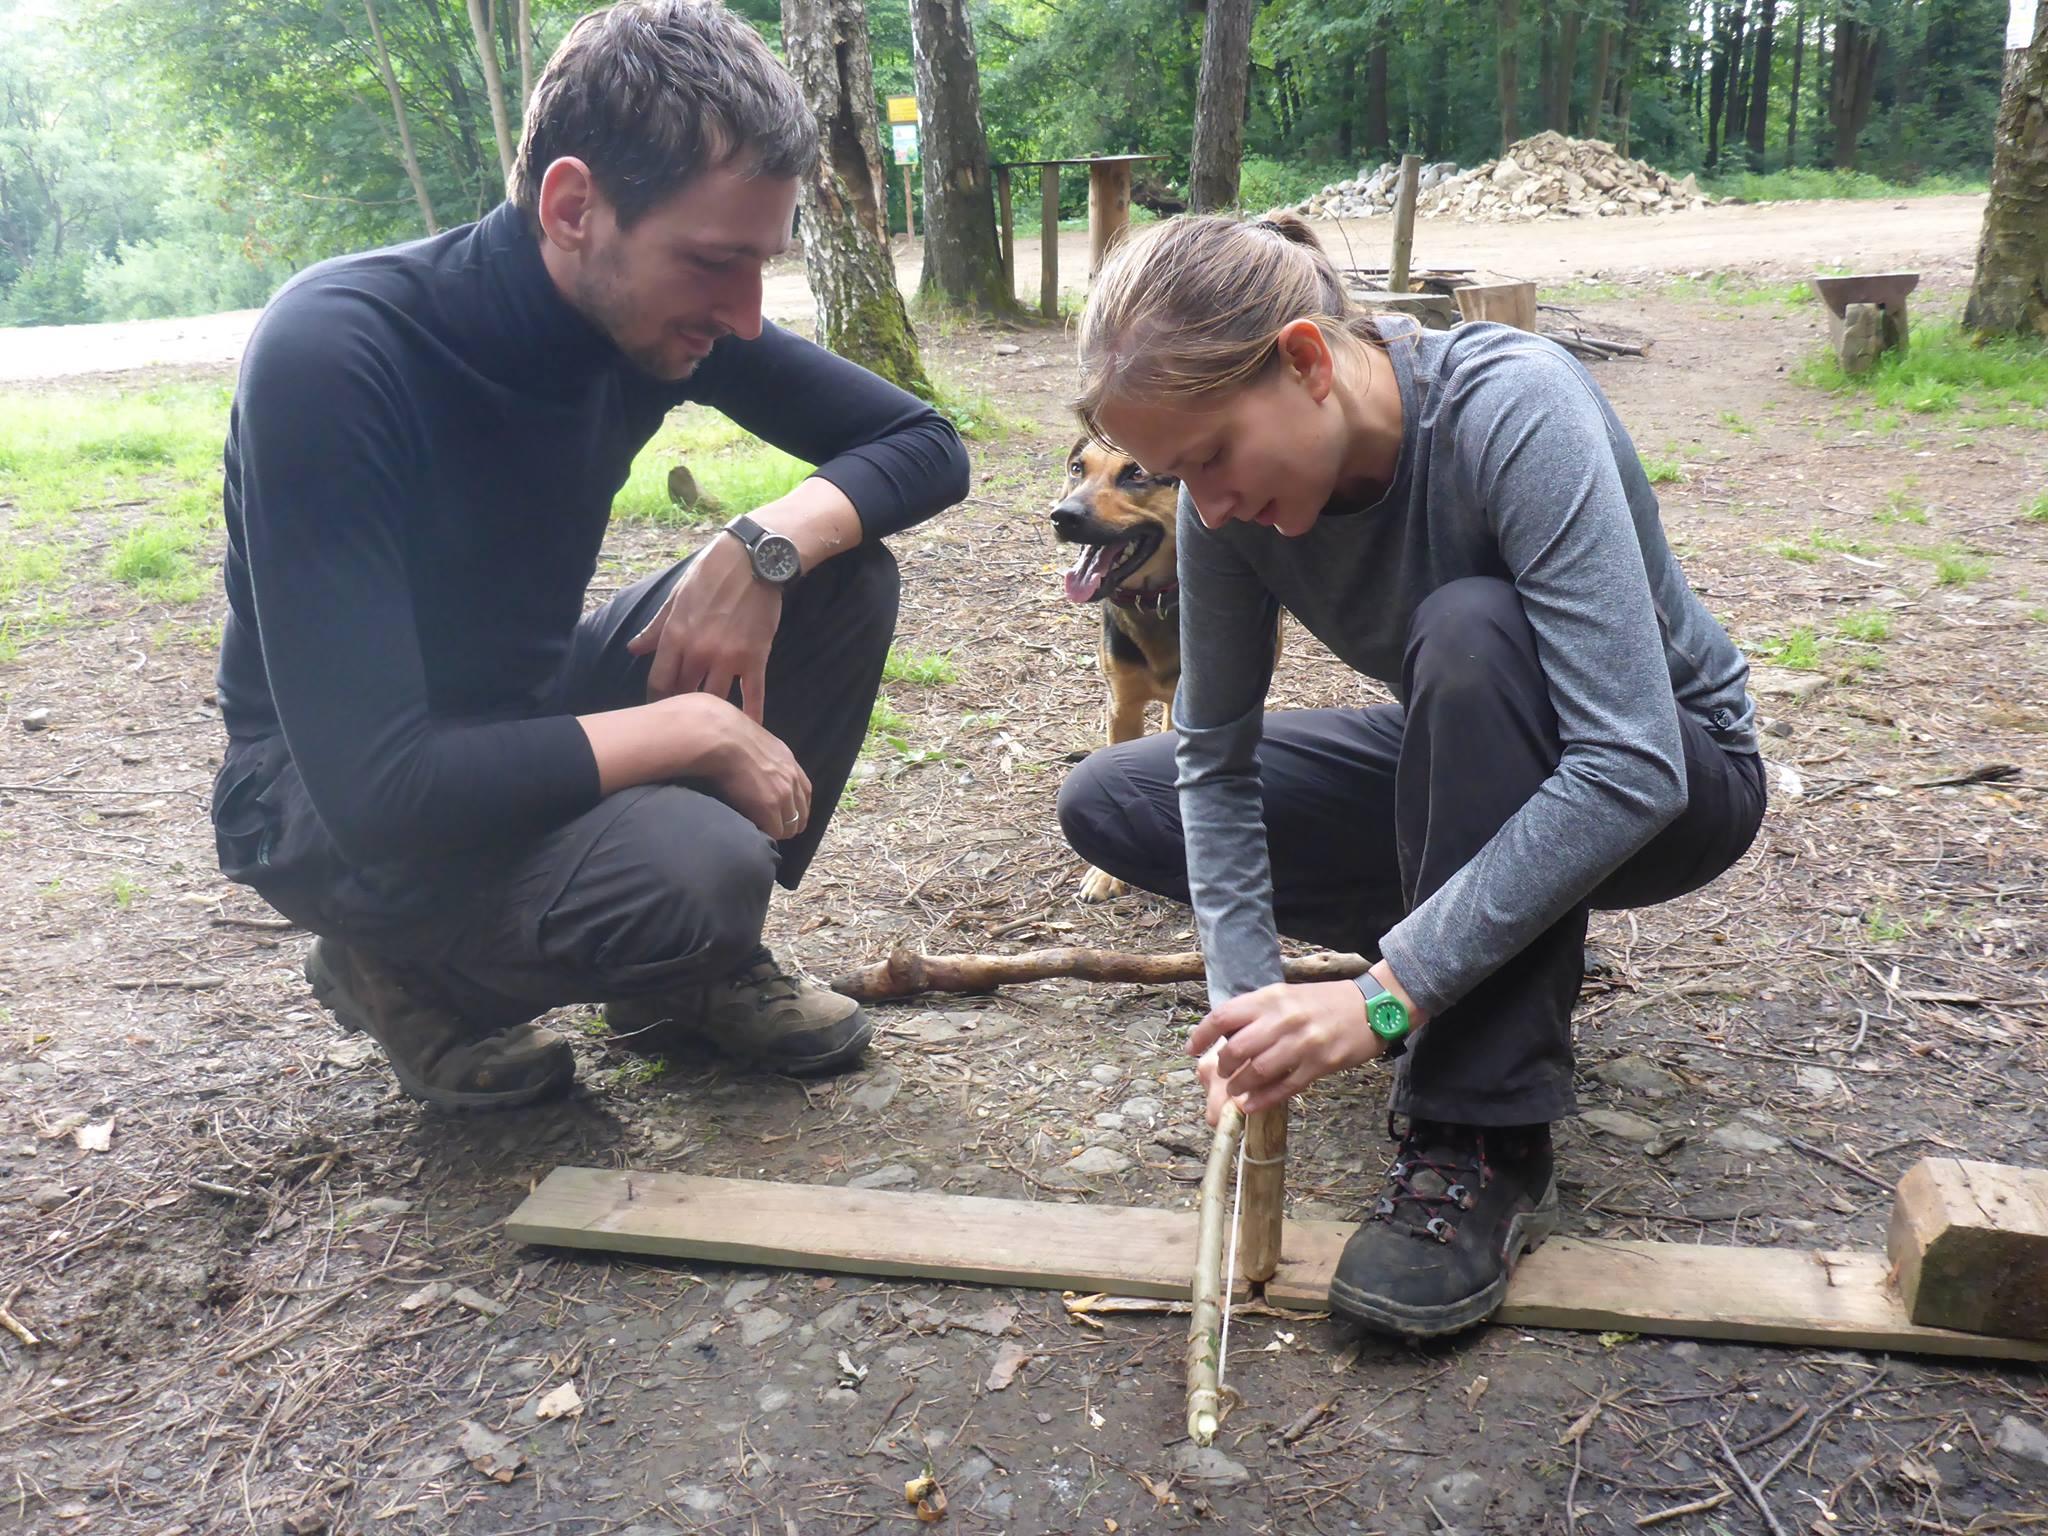 Je rencontre Kasa et Marcin avec qui je passe une bonne soirée de bivouac. Je leur apprend à allumer un feu à l'archet